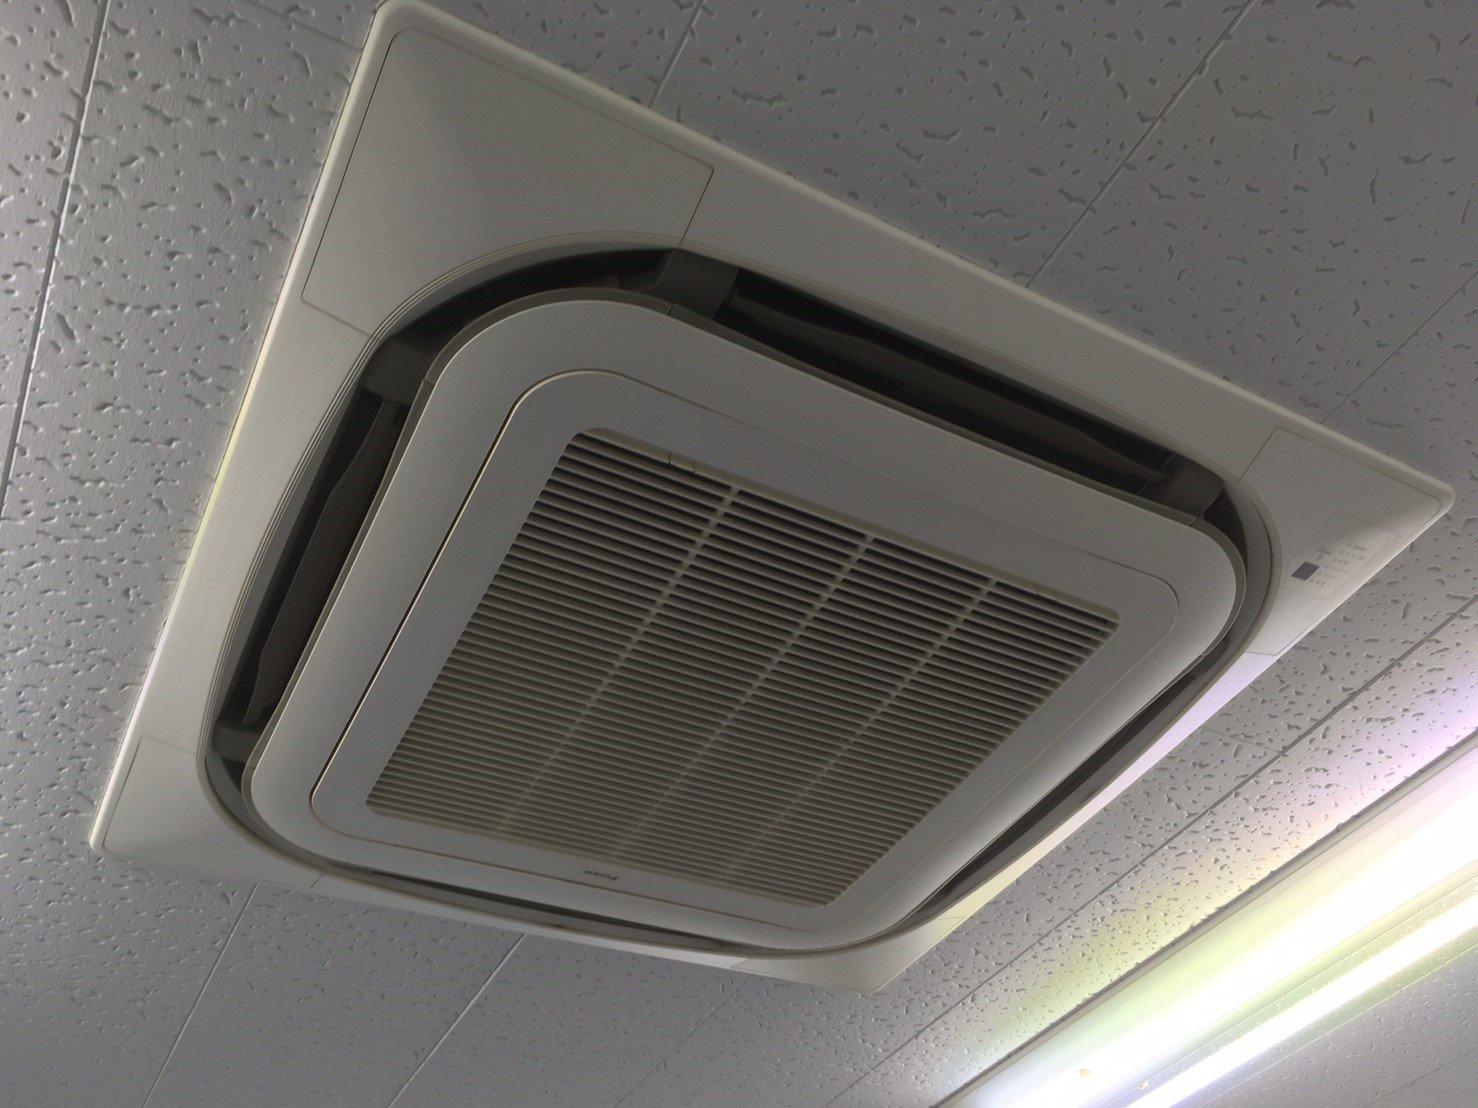 ダイキンエアコンクリーニング大阪市内税理士事務所様写真。エアコン外観